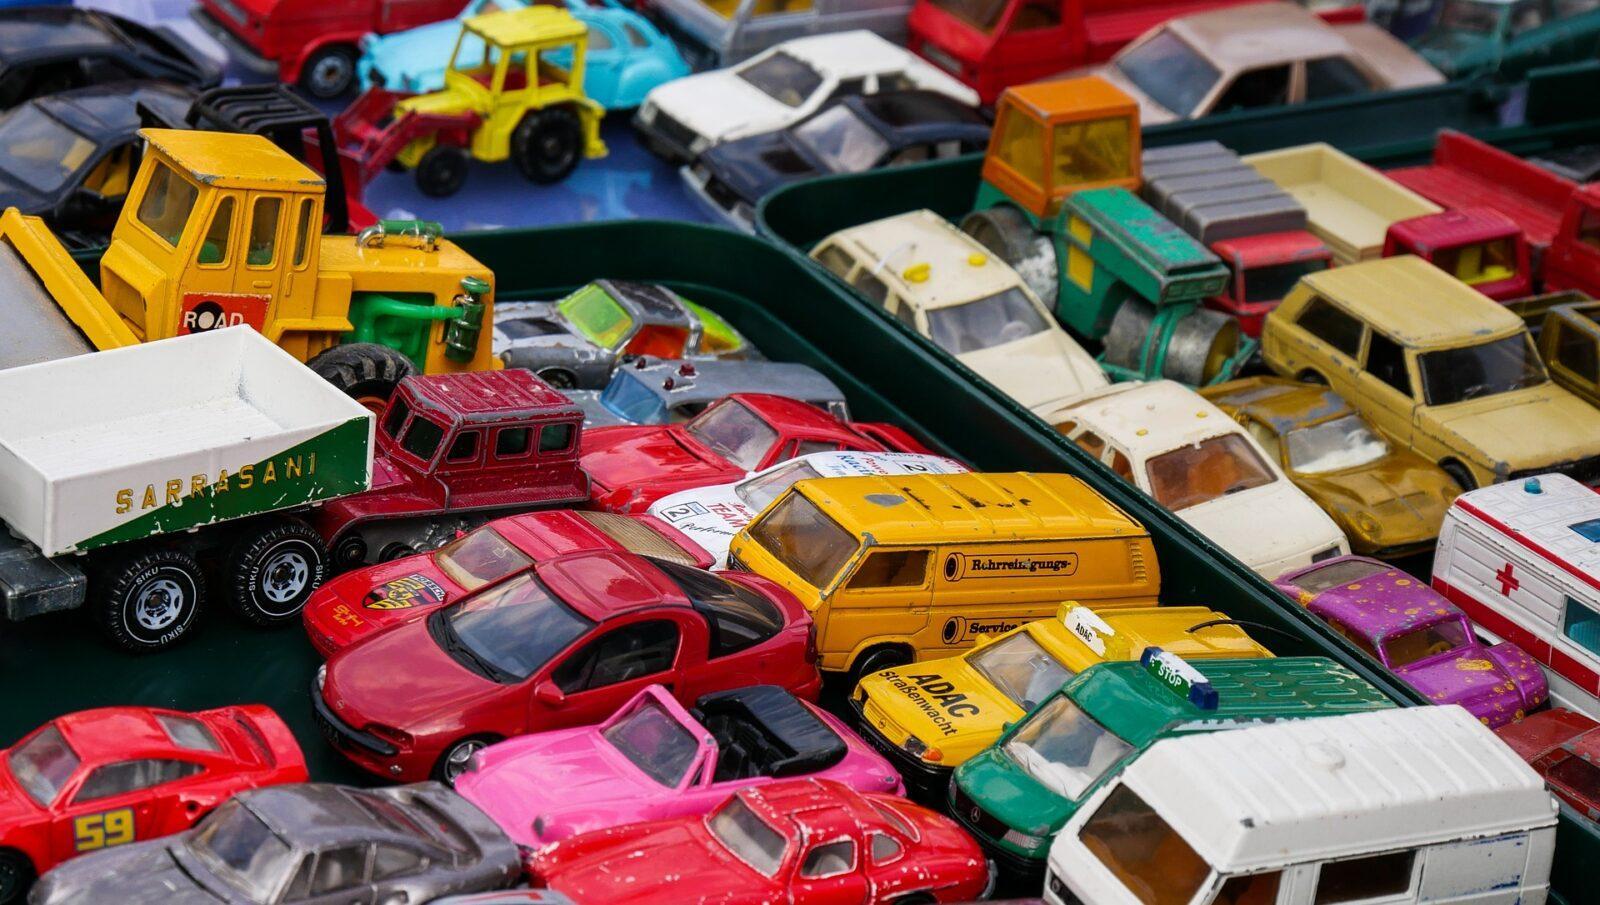 Samochody używane – sztuczki nieuczciwych handlarzy.